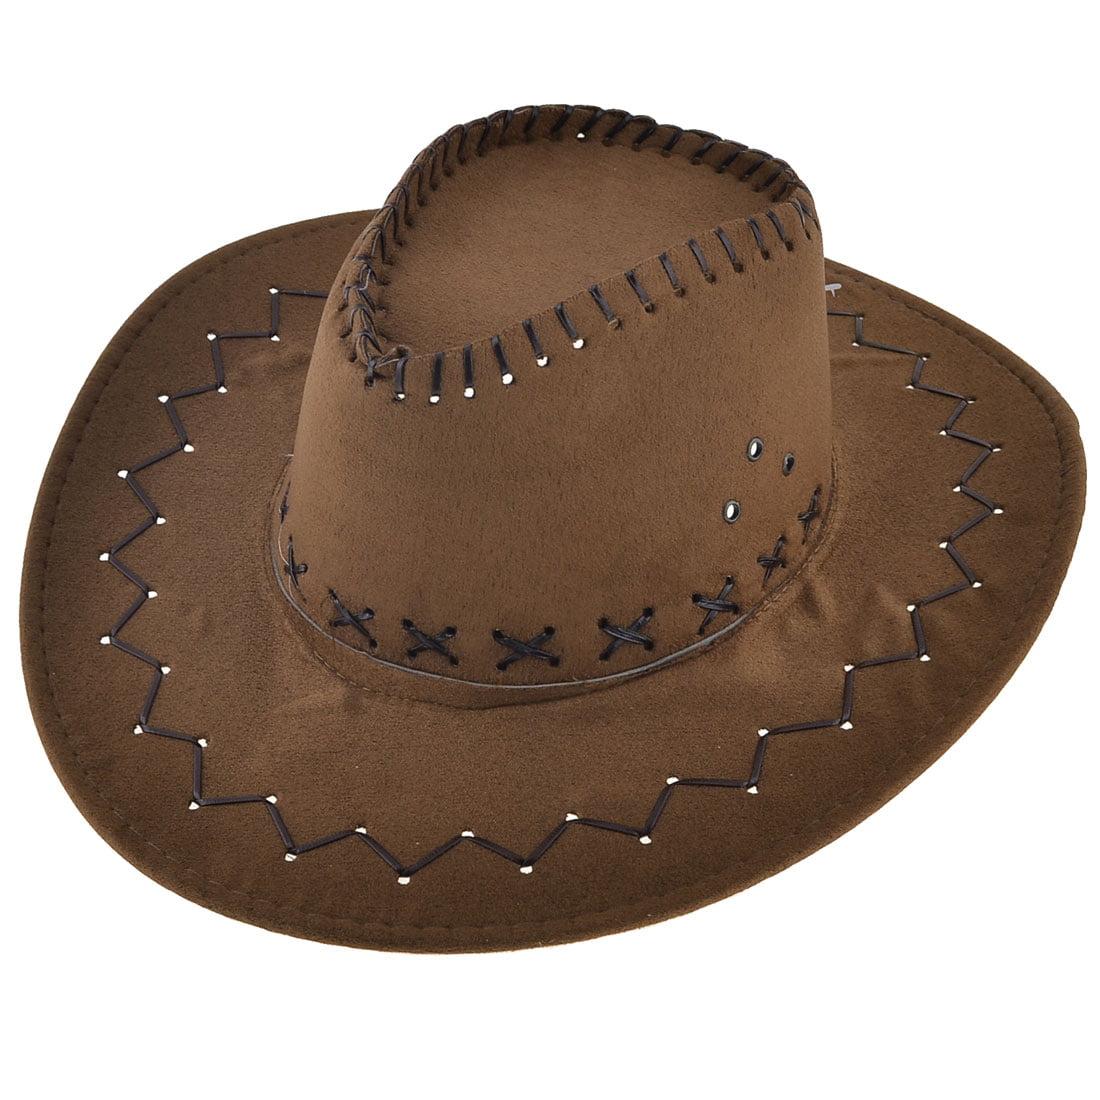 Unique Bargains Wide Brim Faux Suede Riding Hiking Cowboy Hat ... 16befa5d37c